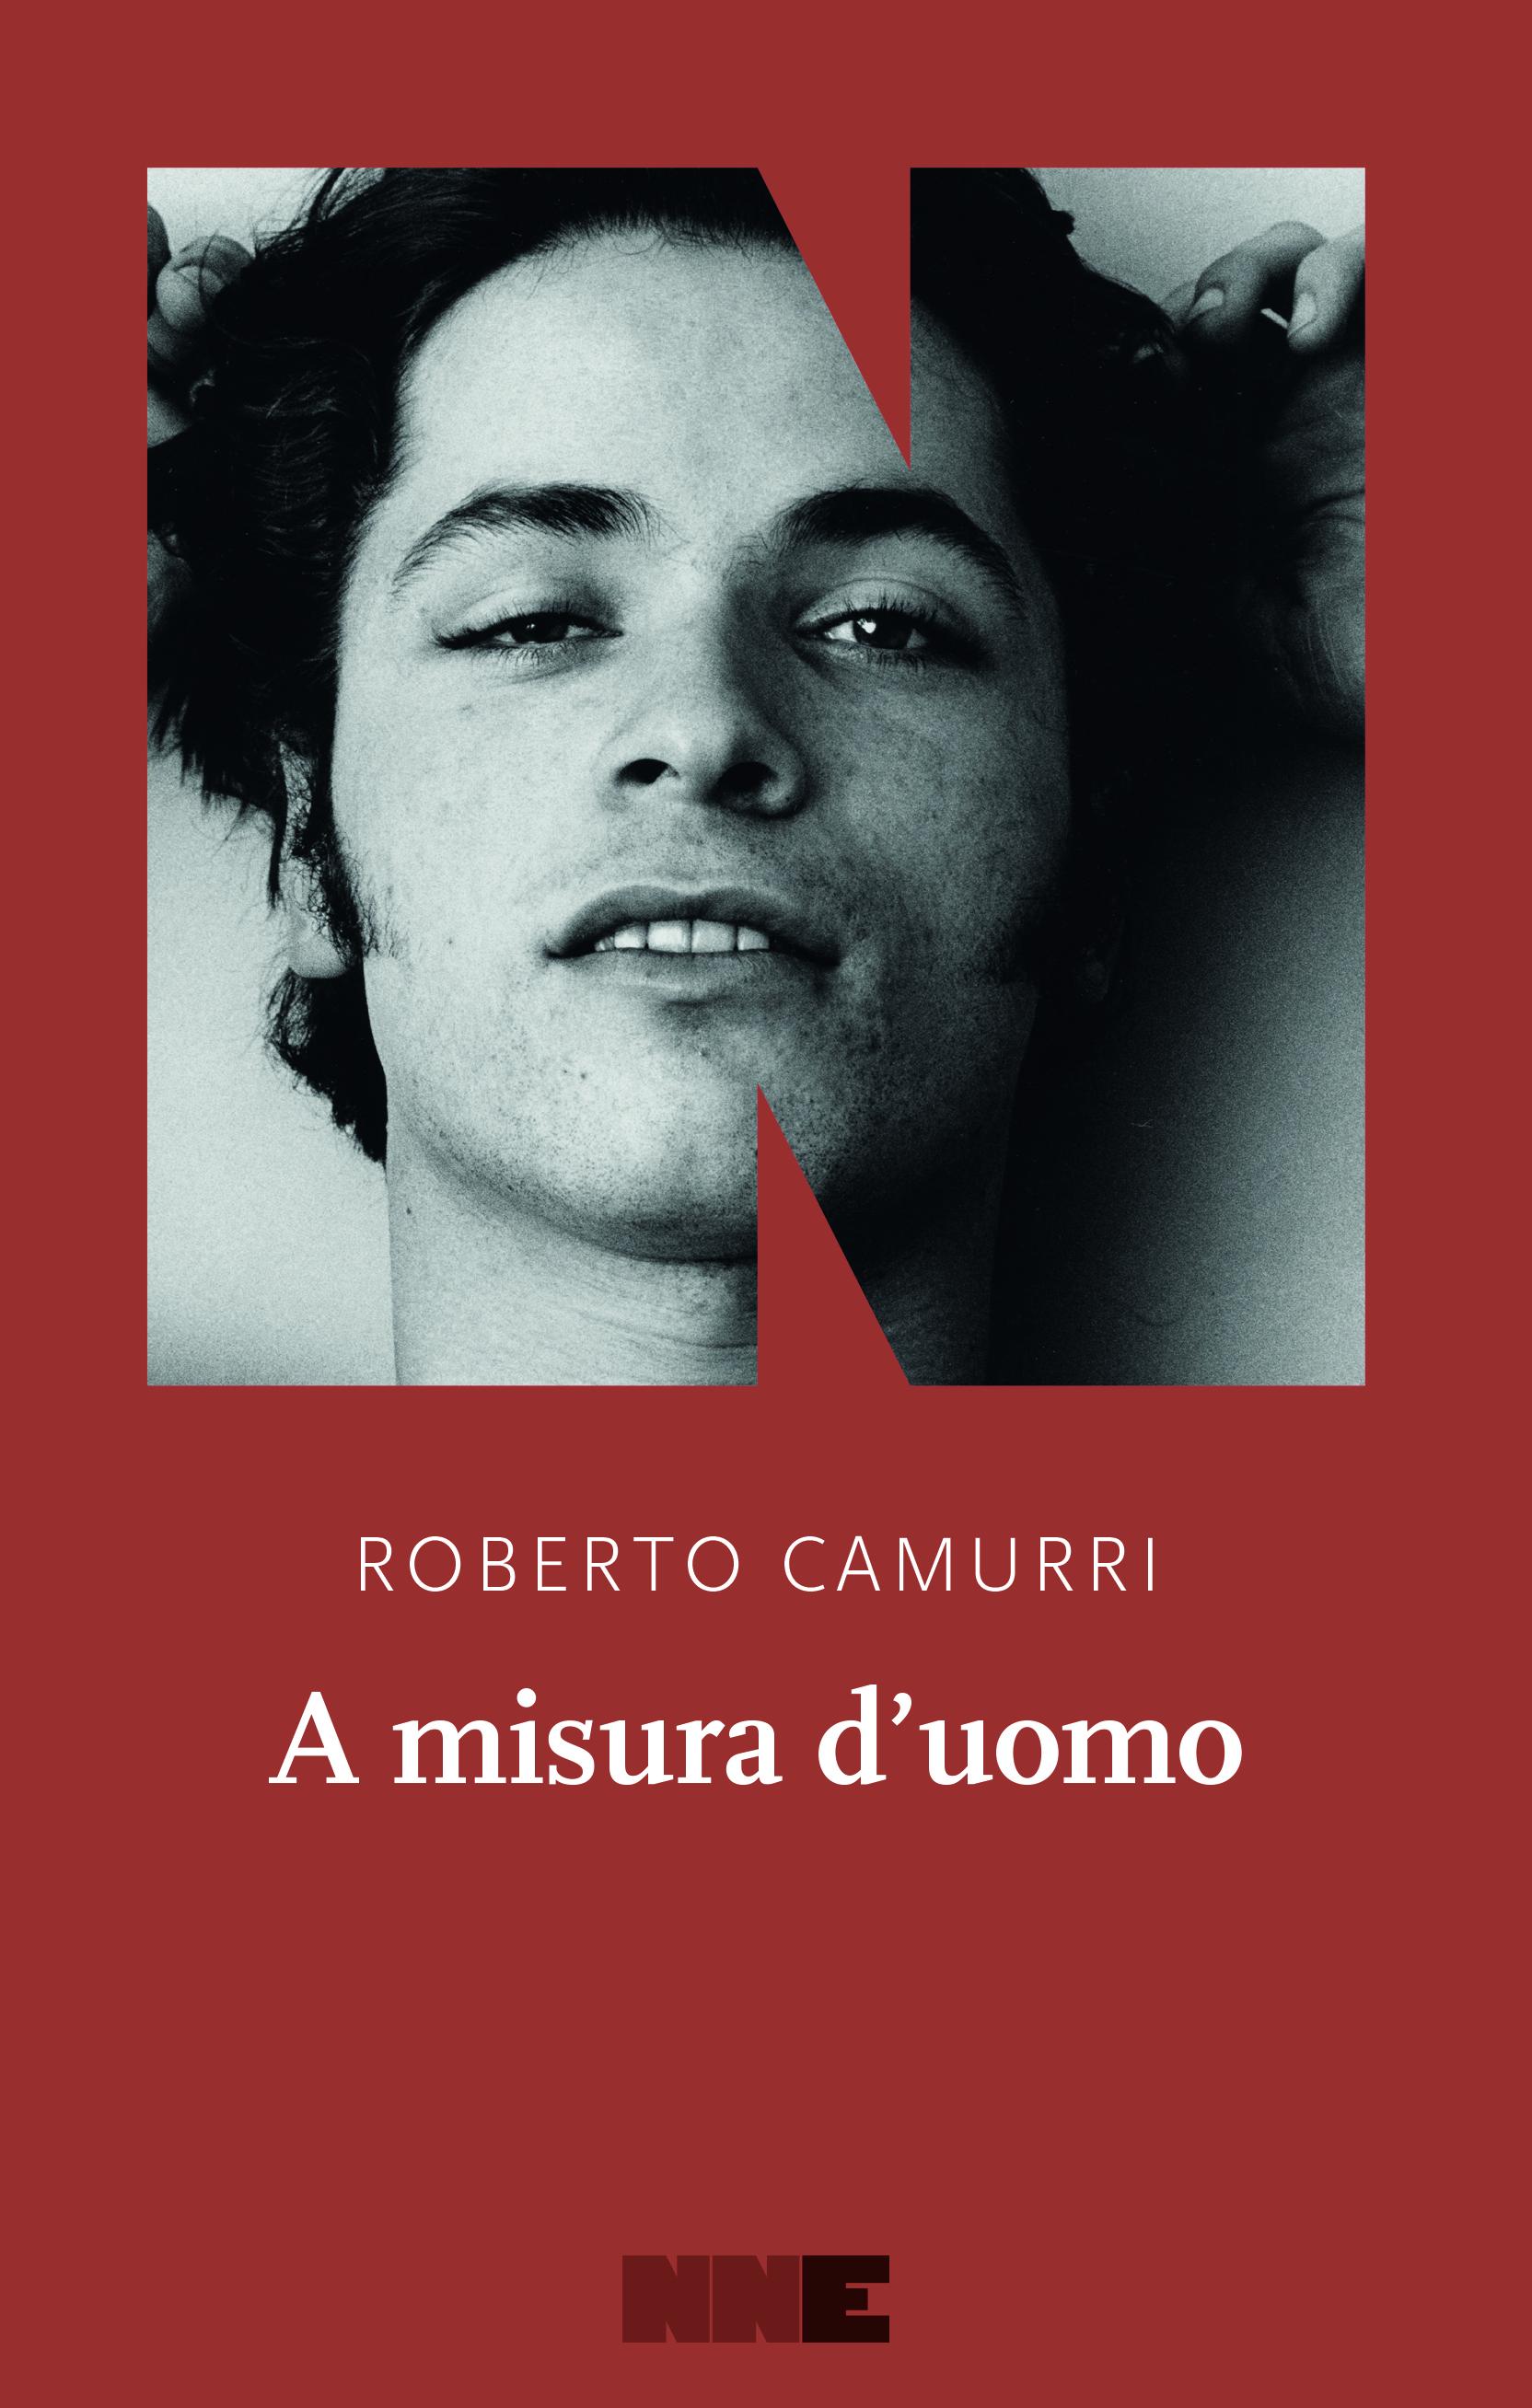 A misura d'uomo, di Roberto Camurri